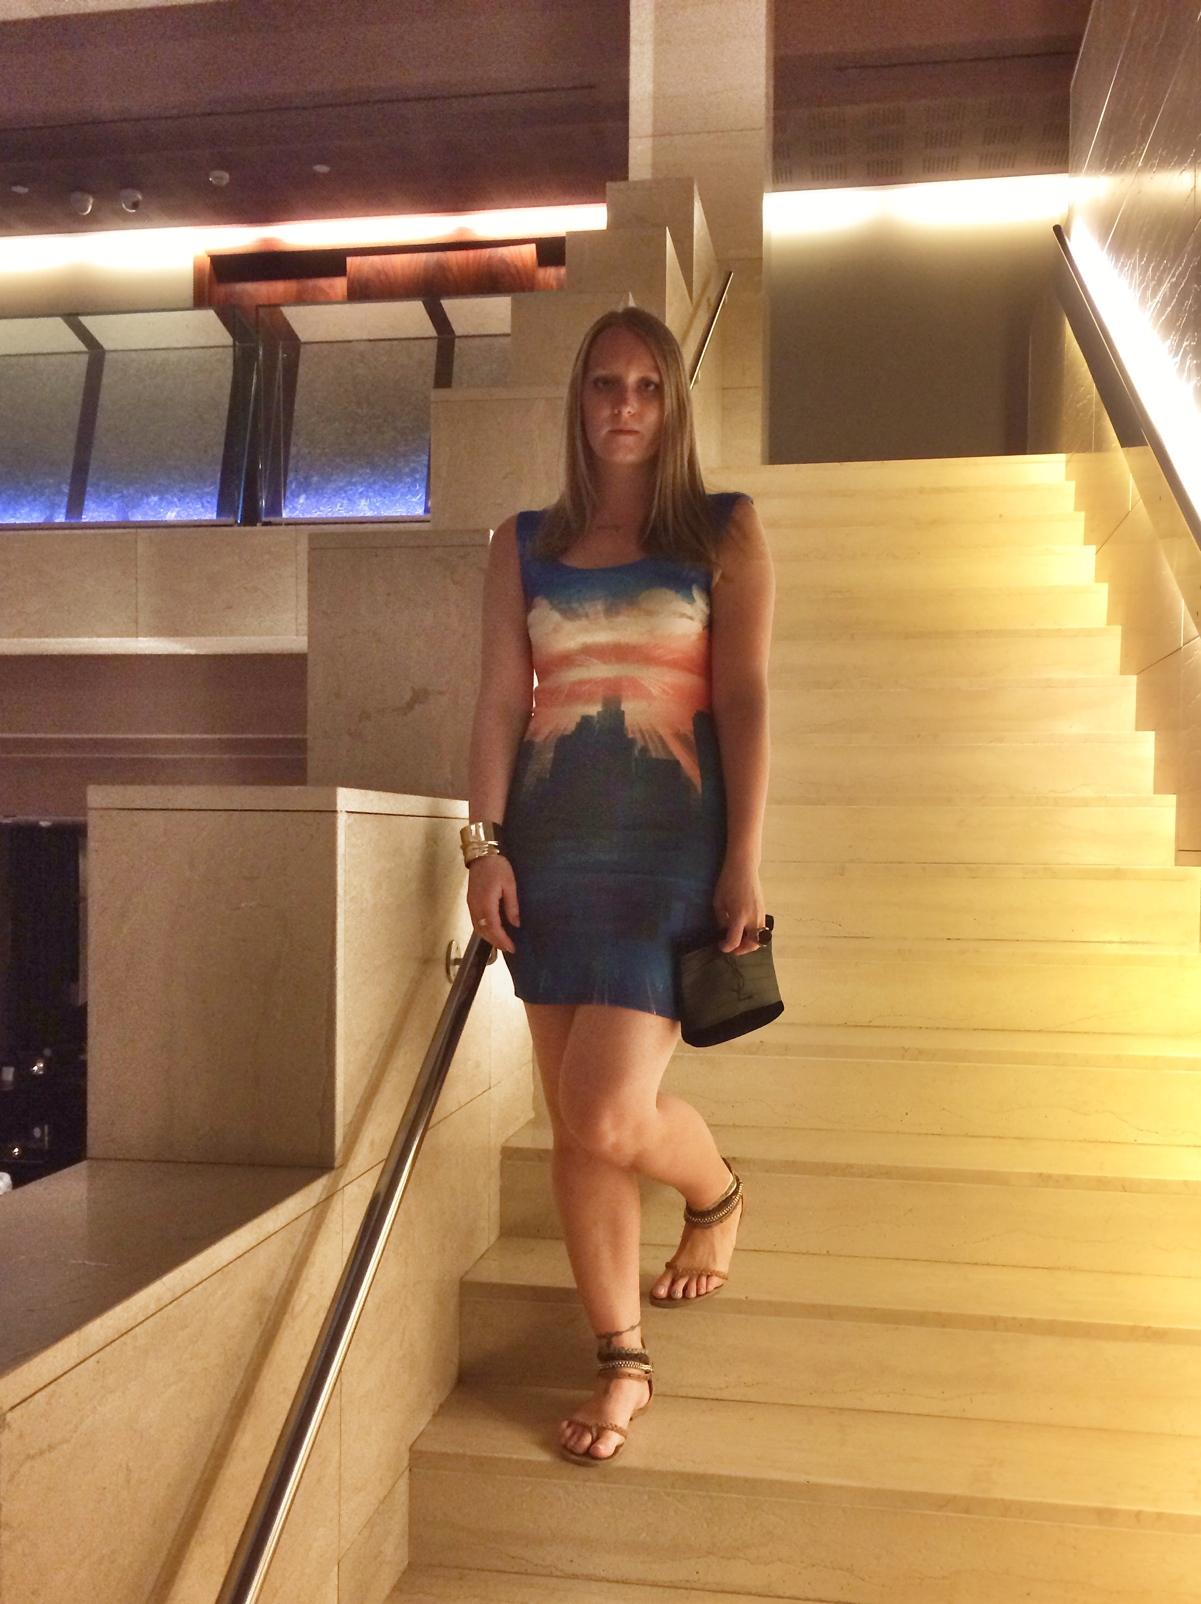 Sunset-dress-barcelona-hotel-miramar